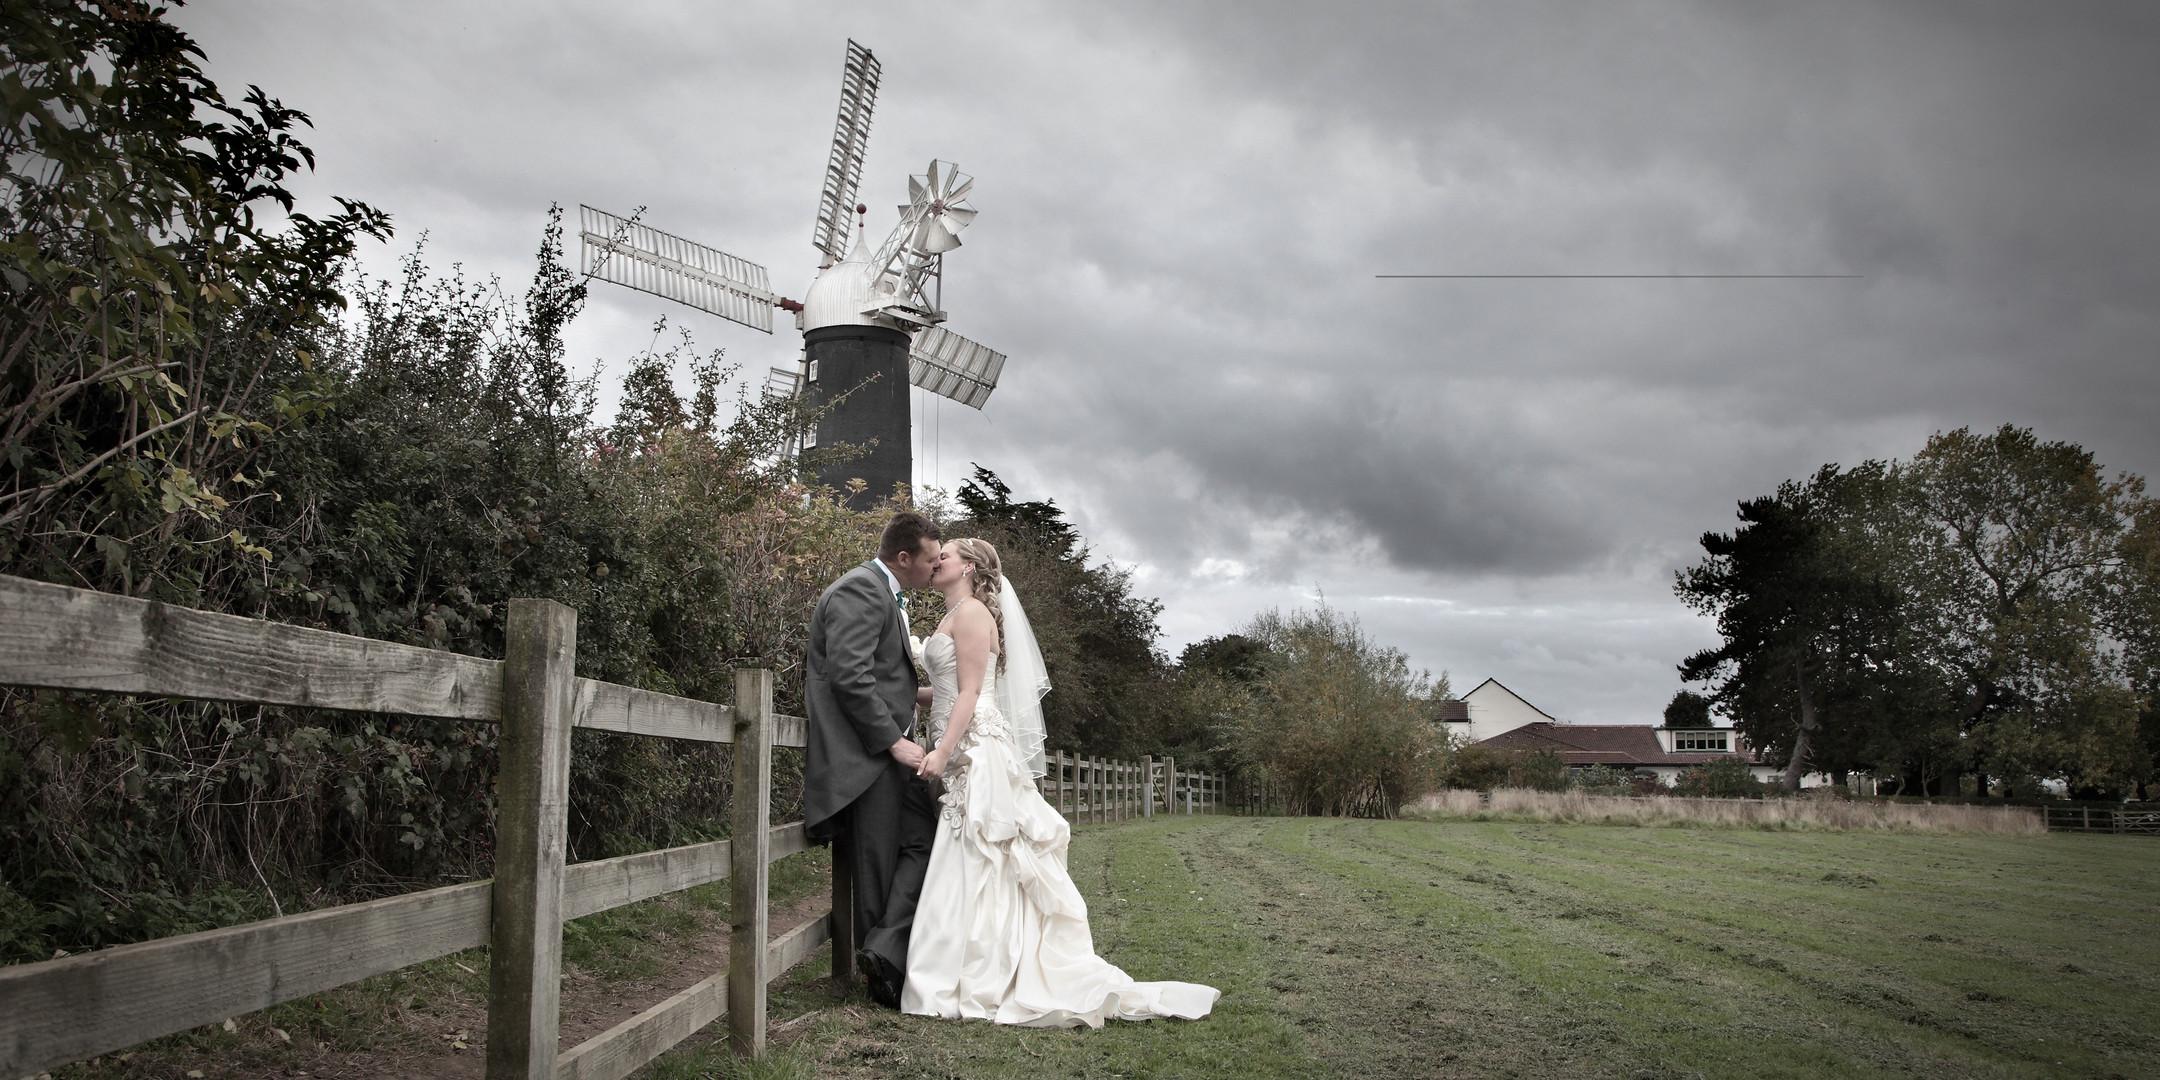 Wedding at Skidby Mill